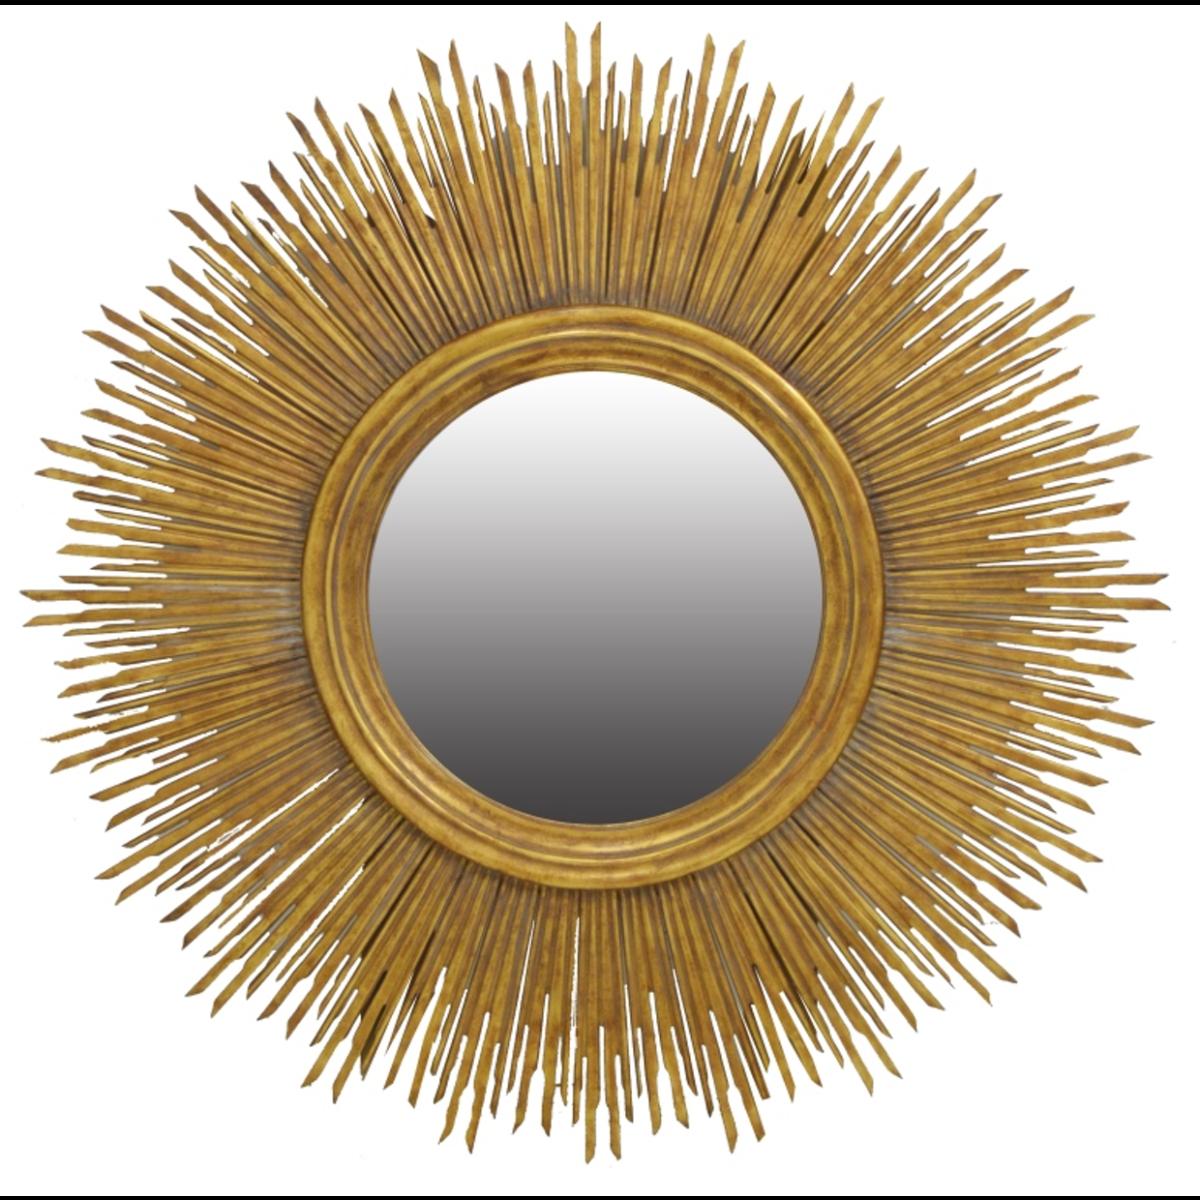 Sunstruck round mirror